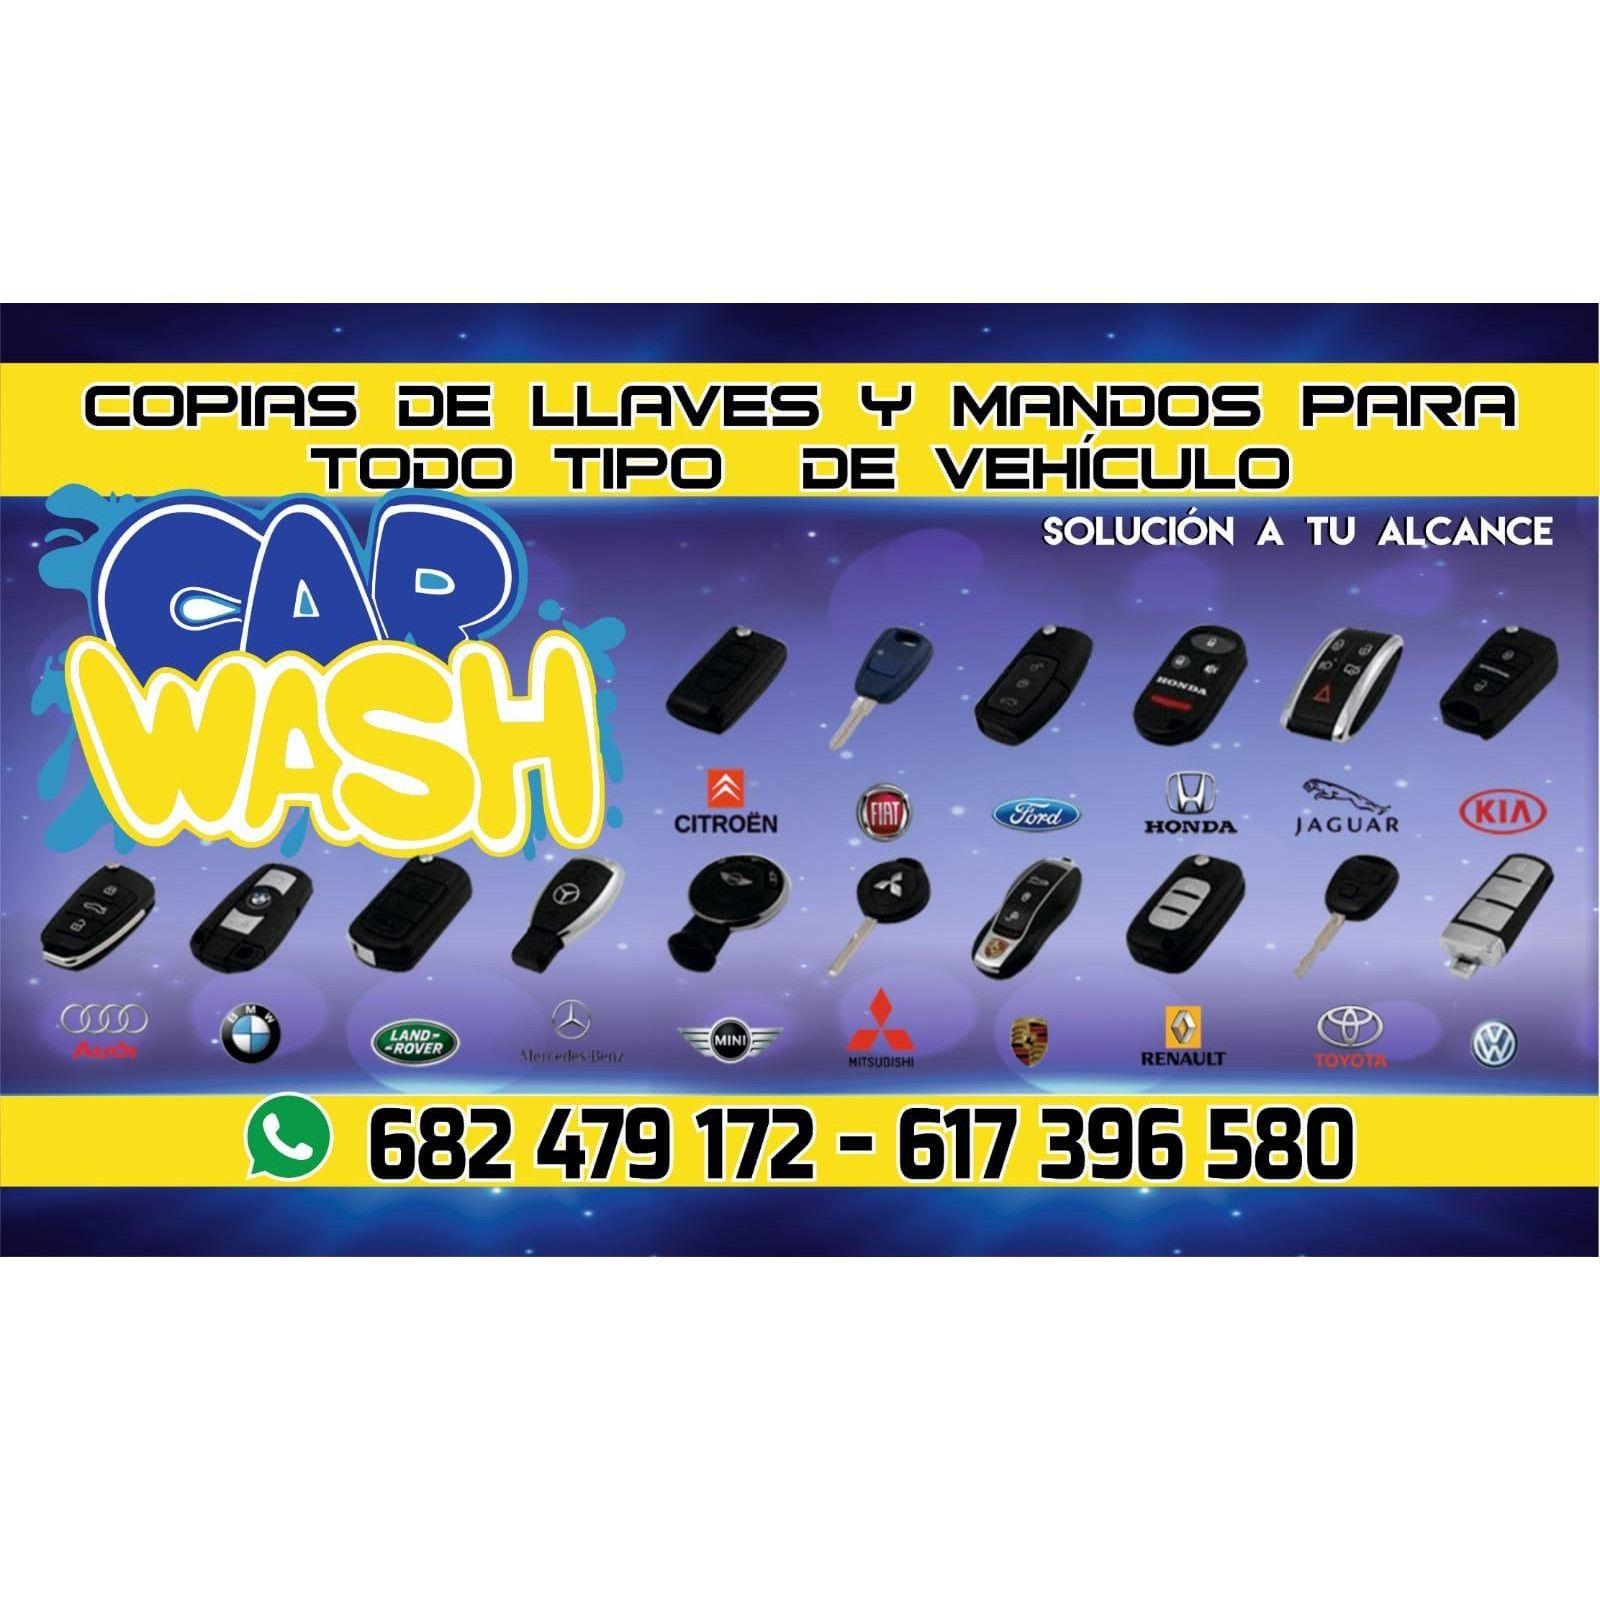 Copia de llaves y mandos para todo tipo de vehículos: Servicios de Car Wash Alcorcón 1